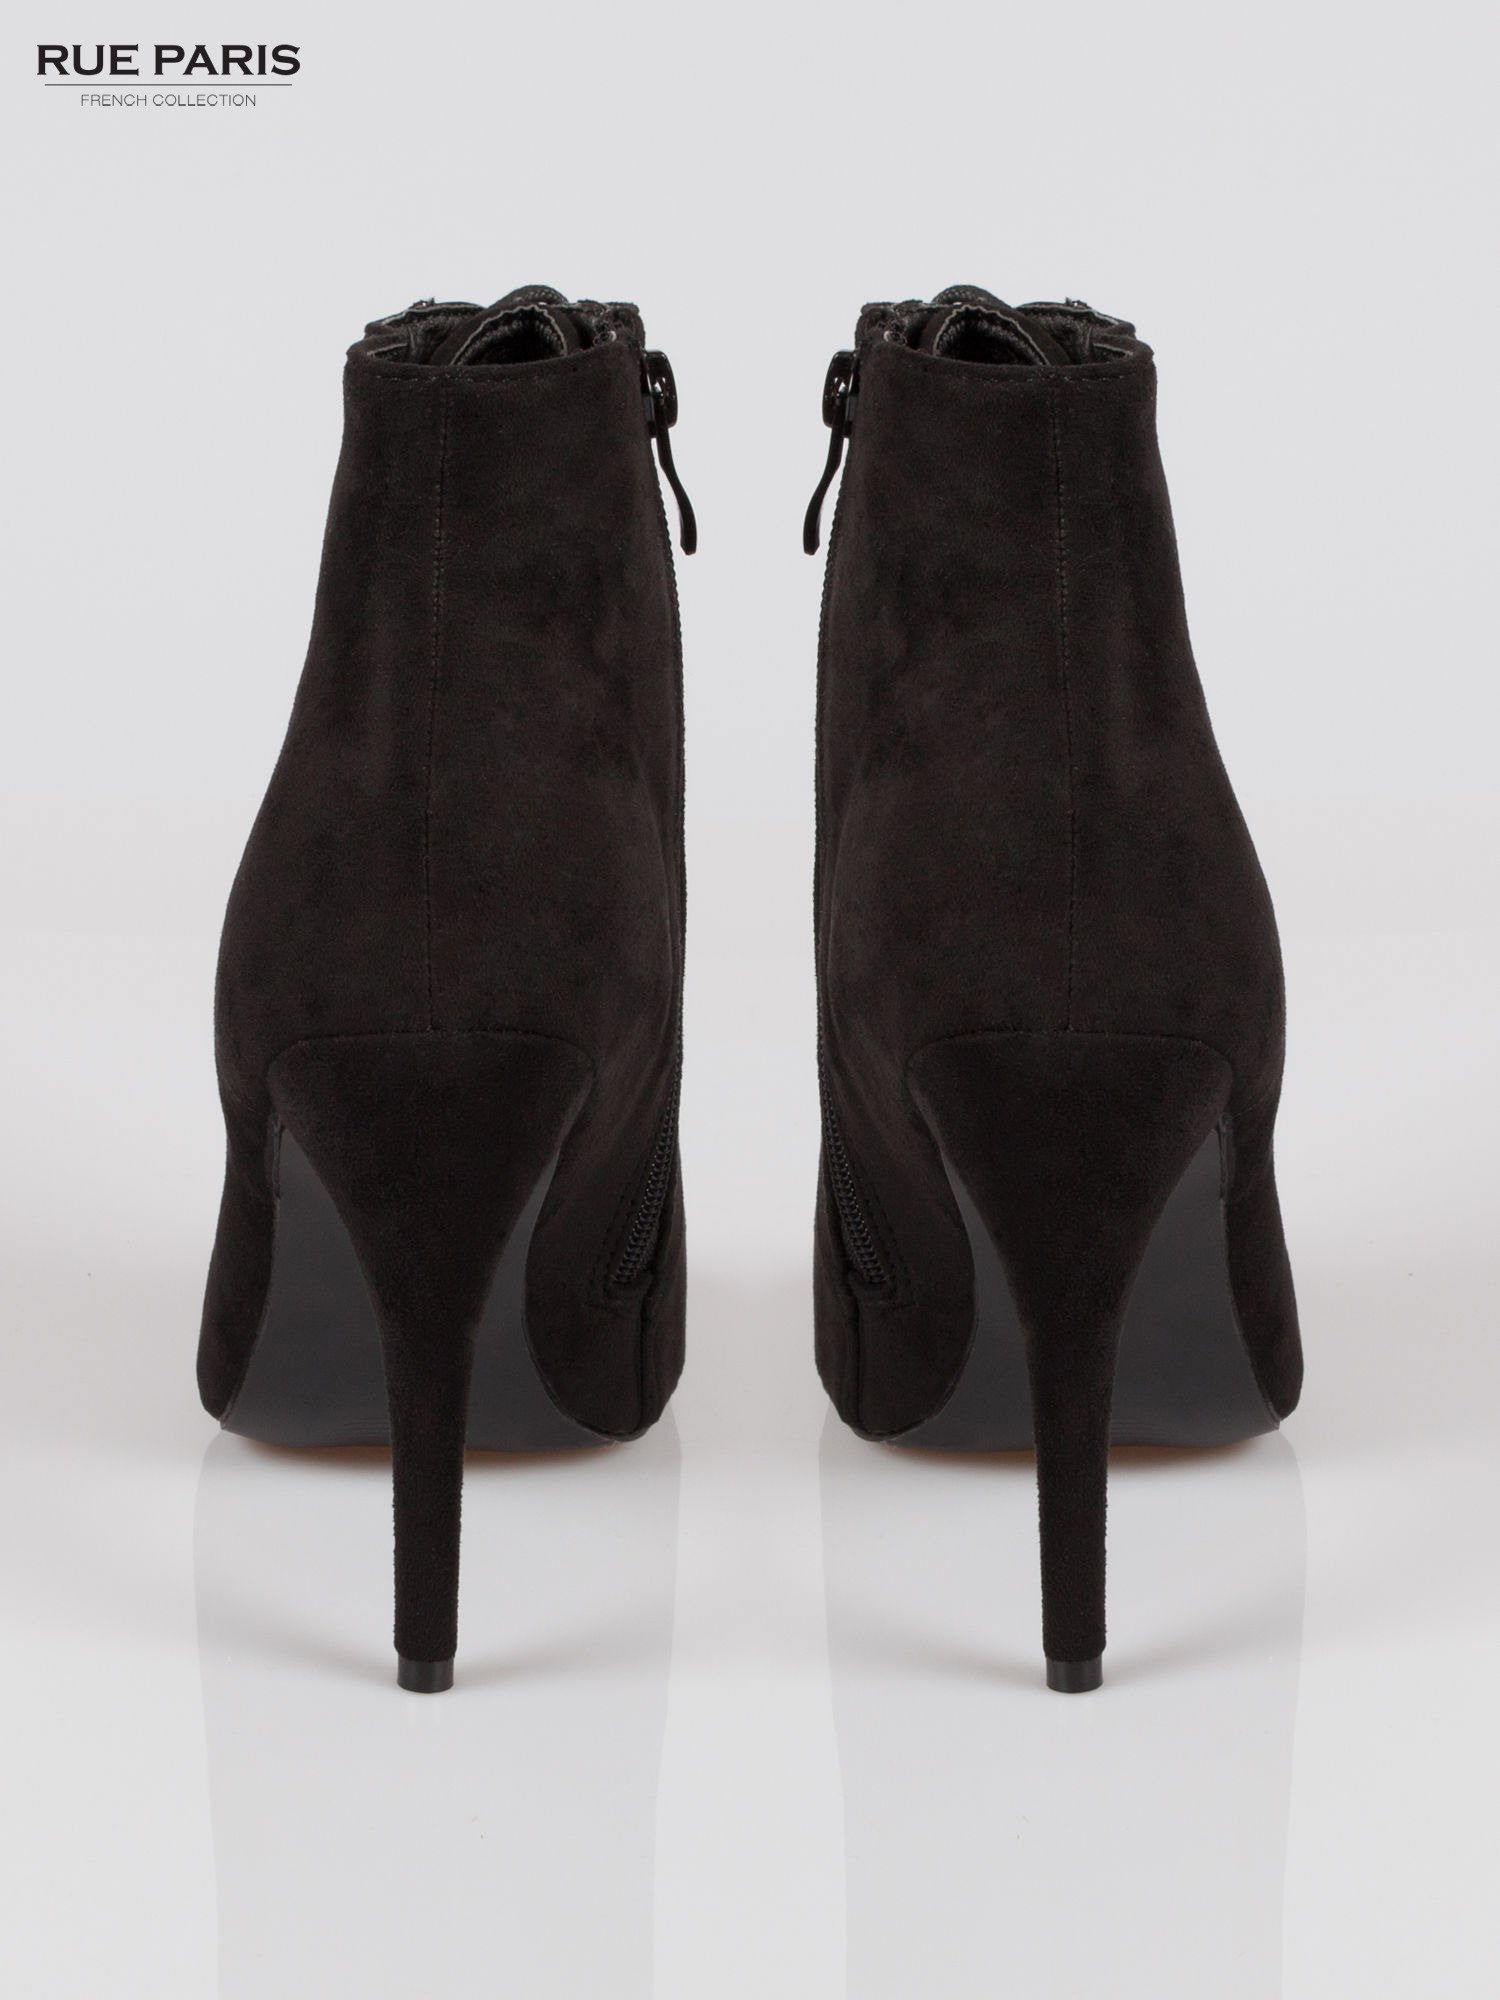 Czarne sznurowane botki faux suede Trish open toe                                  zdj.                                  3